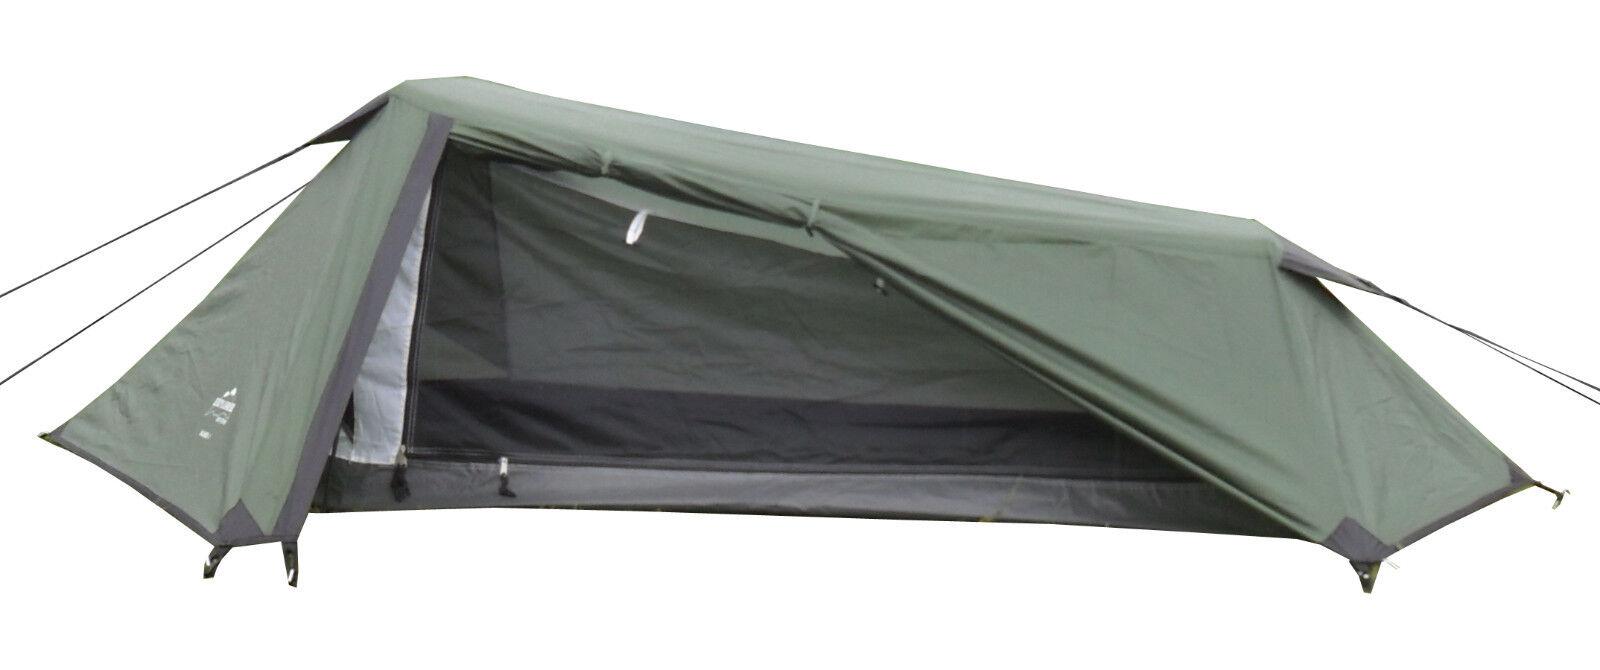 2 Personen Doppeldach Zelt Trekking Leichtzelt Namib 280x220x75cm 2100g WS=3000m